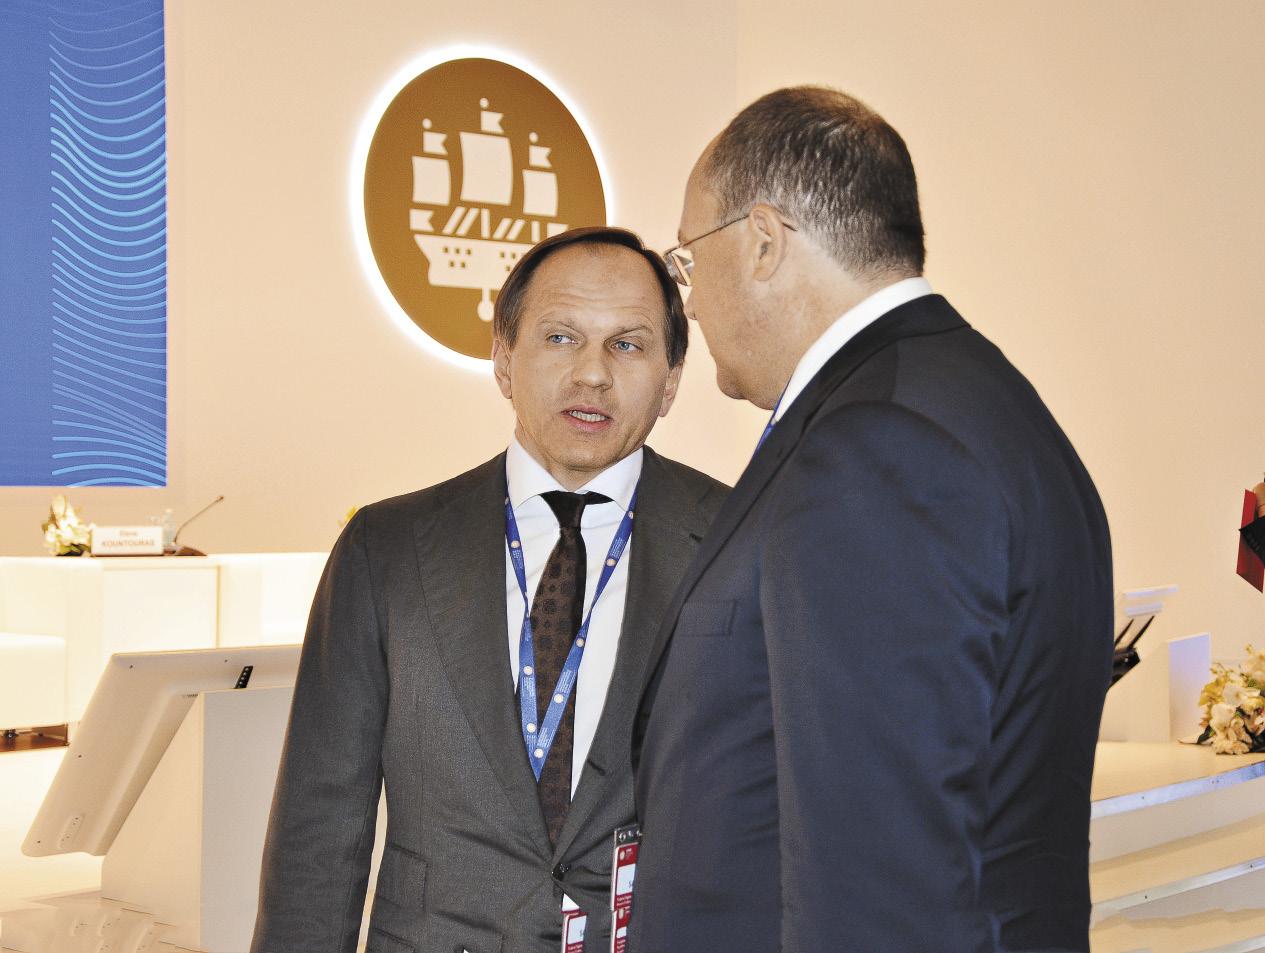 Министр по делам Северного Кавказа Лев Кузнецов и Олег Сафонов общаются на ПМЭФ-2016.